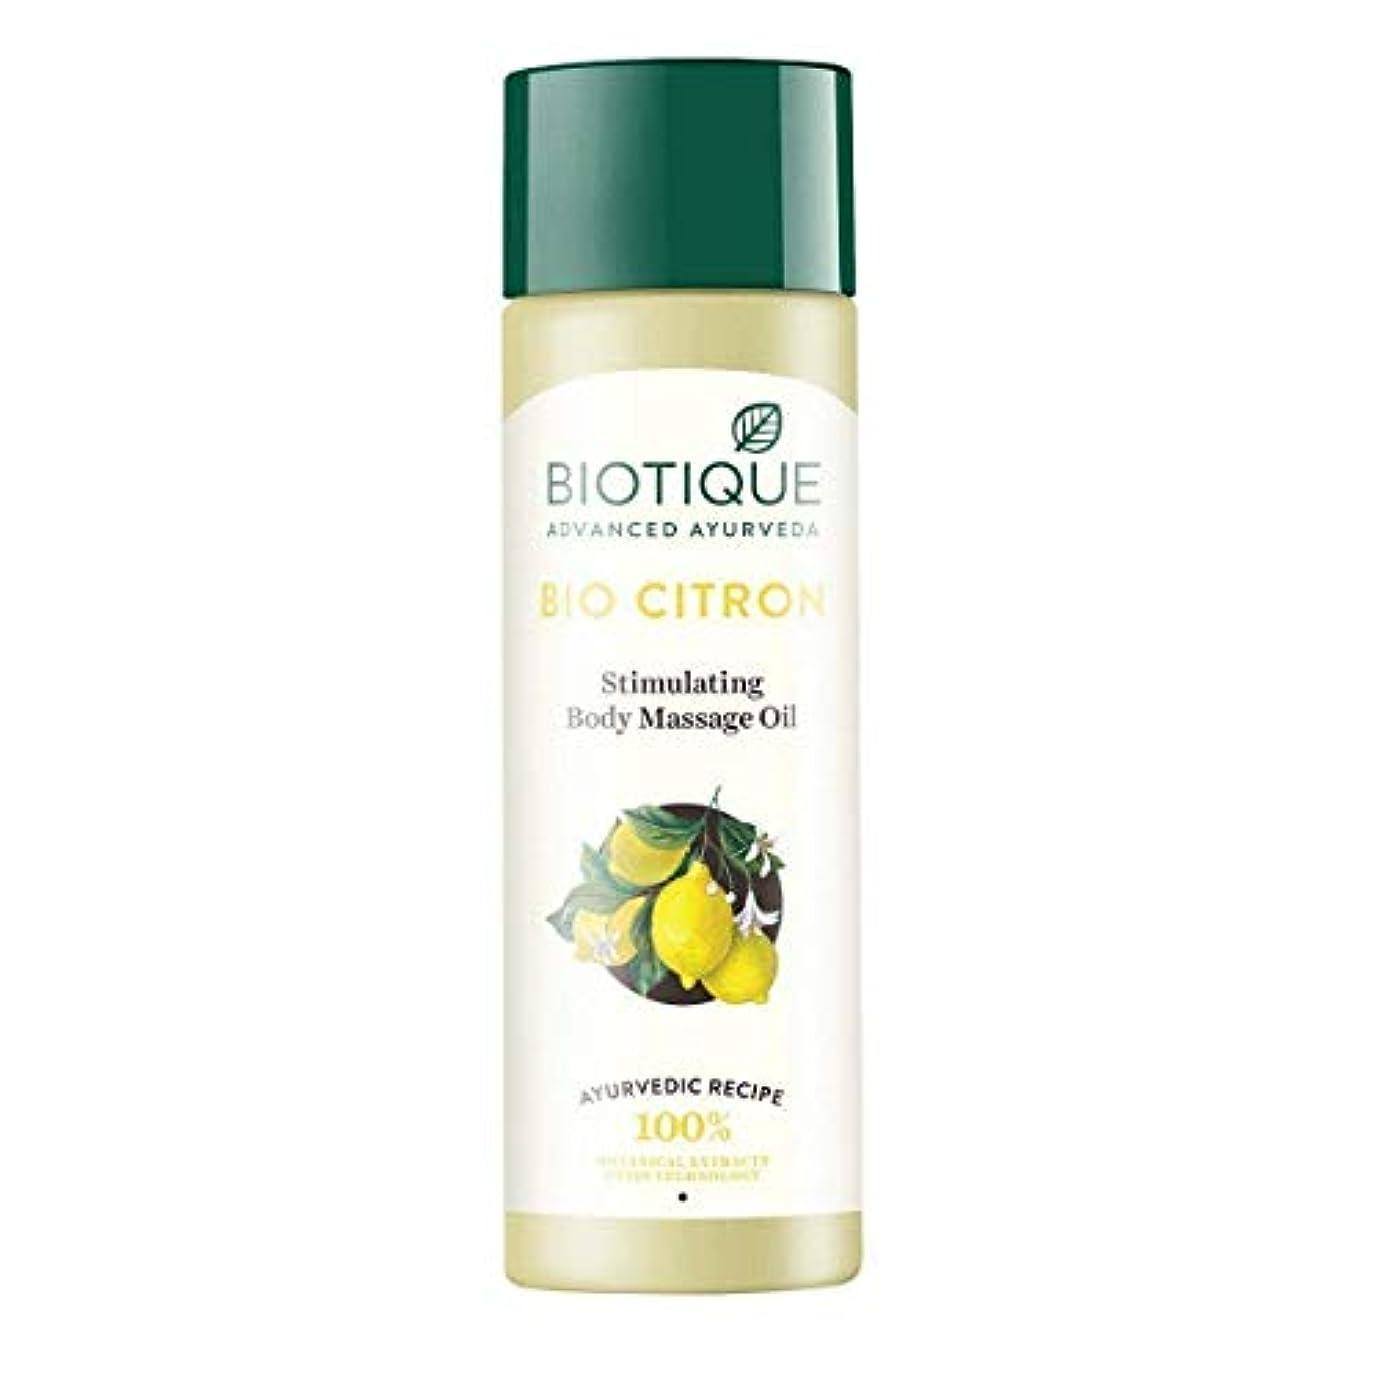 野望買収パネルBiotique Bio Citron Stimulating Body Massage Oil, 200ml rich in vitamin Biotique バイオシトロン刺激ボディマッサージオイル、ビタミン